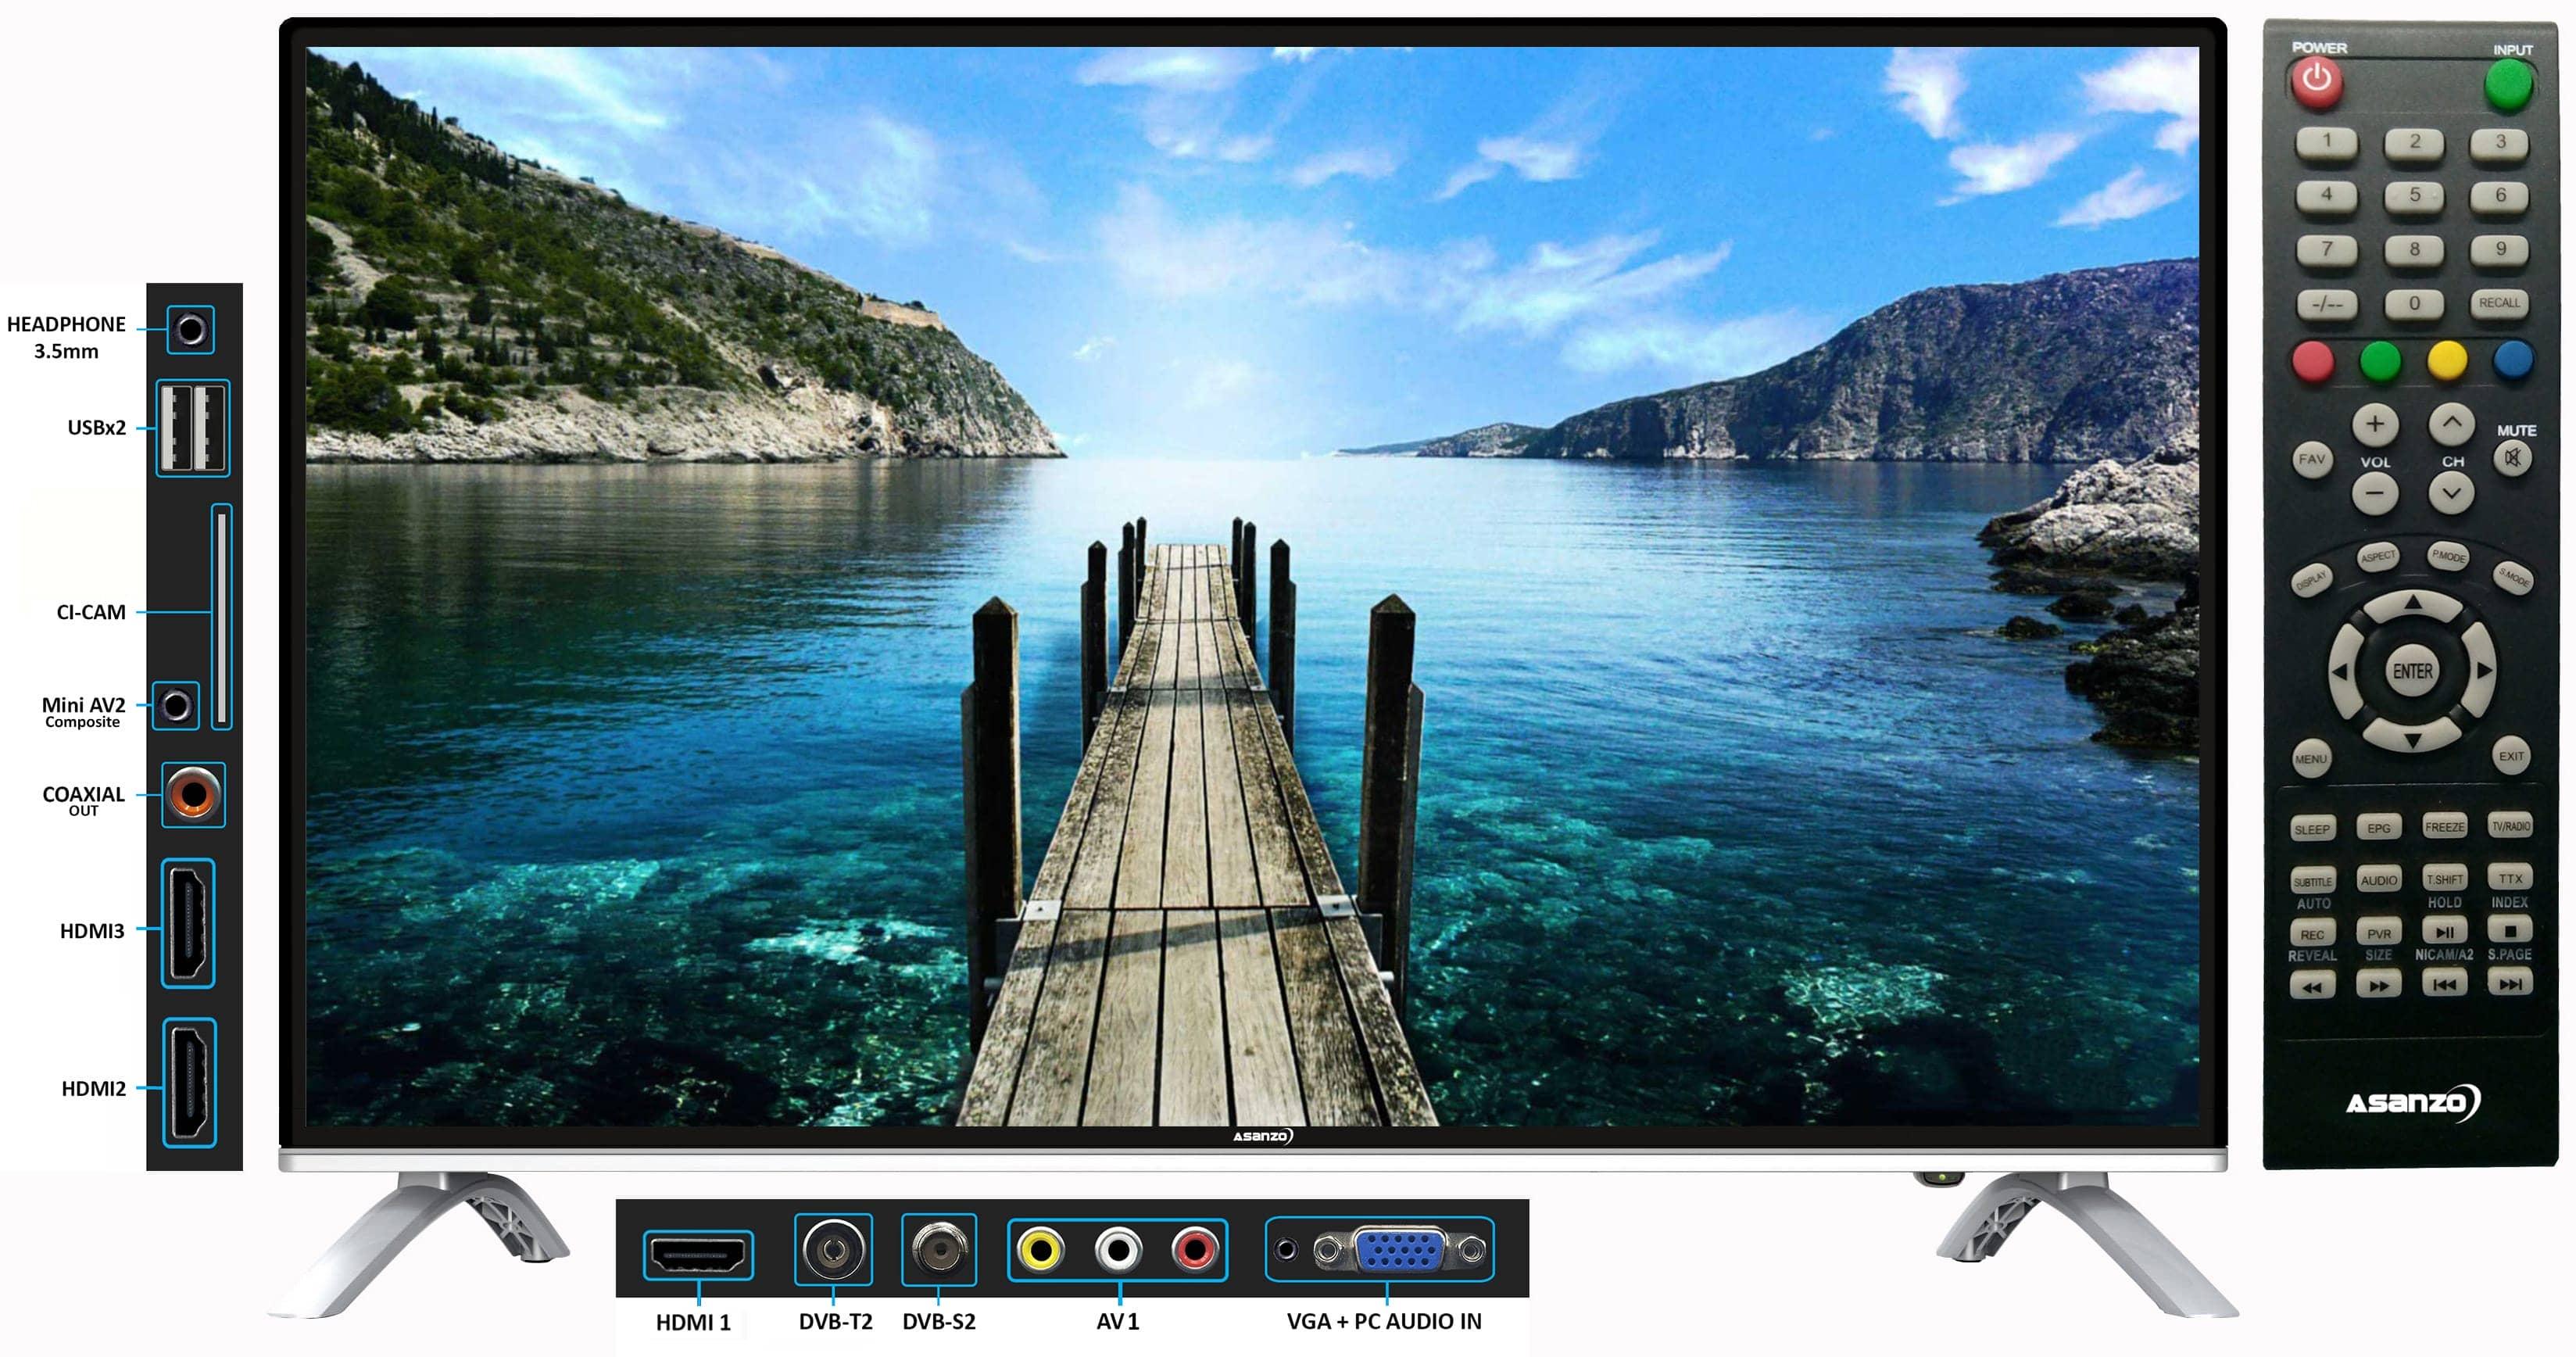 Tivi Asanzo 32T660N tích hợp sẵn DVB-T2